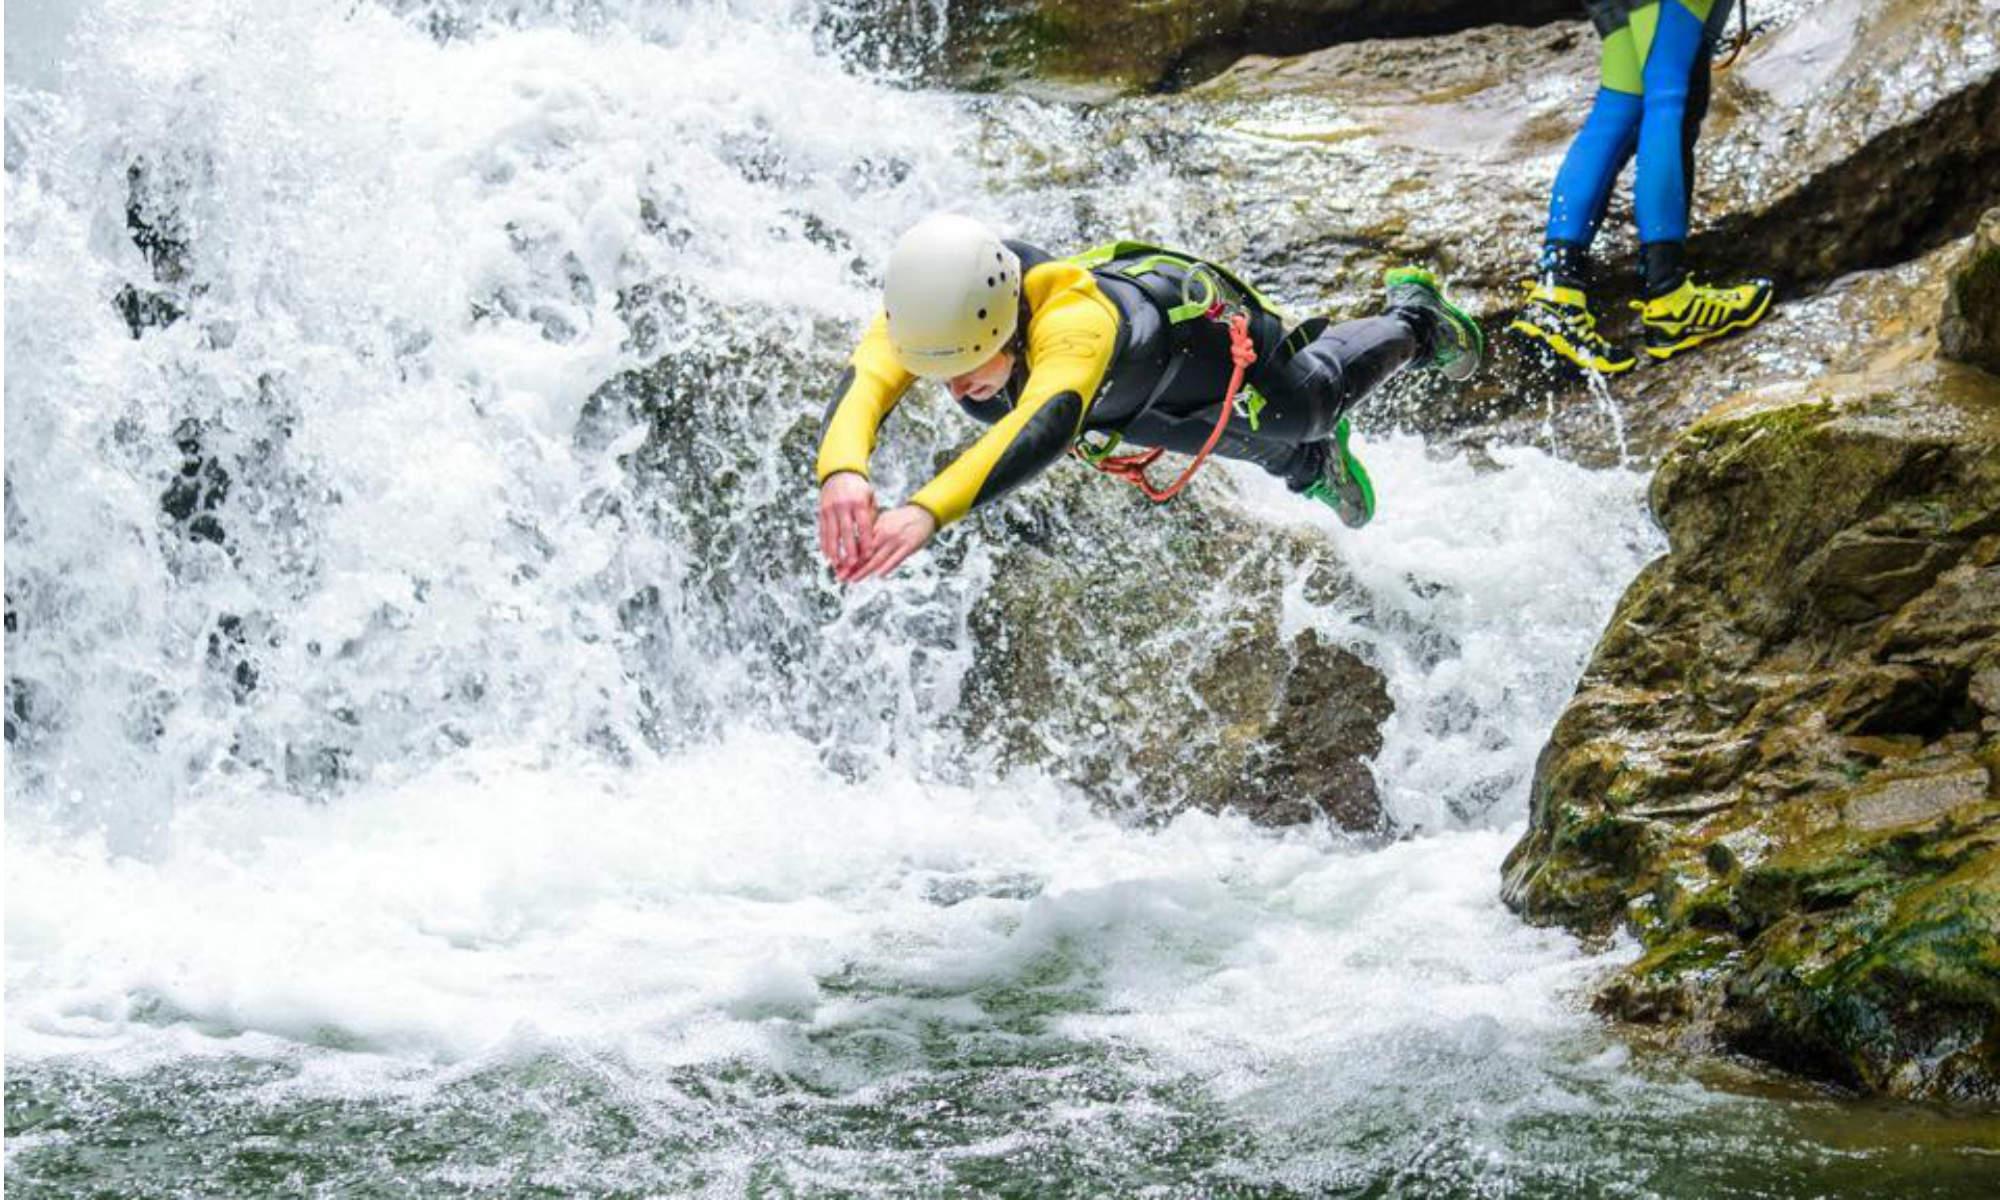 Ein Teilnehmer einer Canyoning Tour springt in ein Wasserbecken im Allgäu.